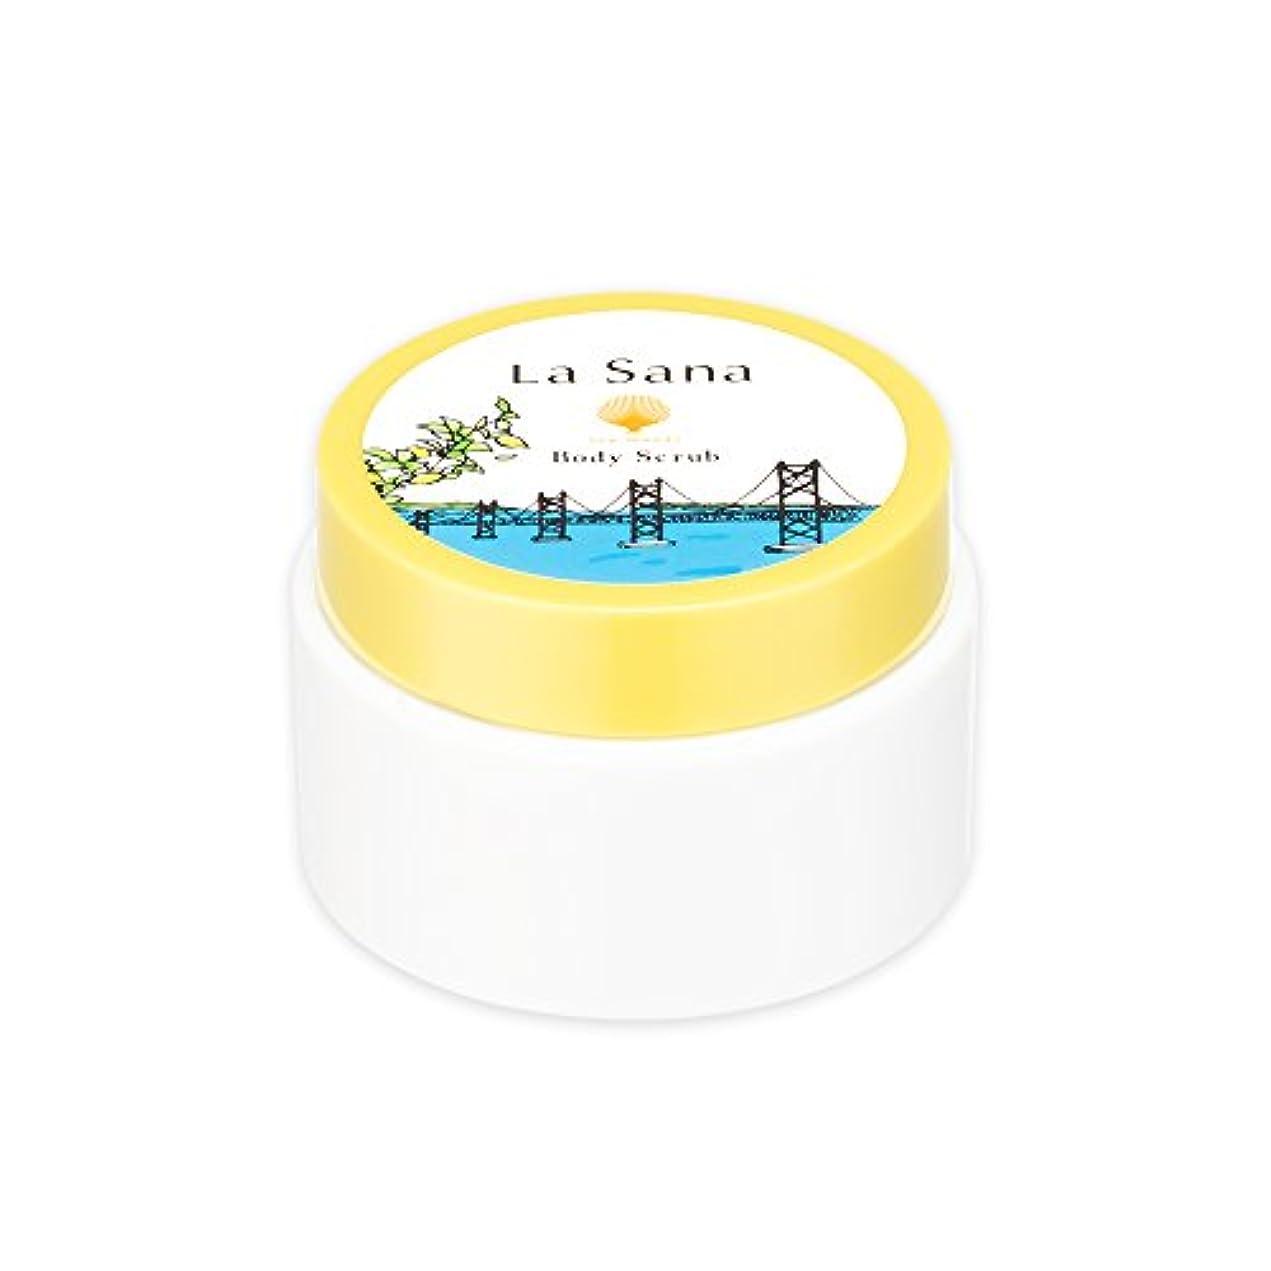 節約するどきどき知事ラサーナ La sana 海藻 ボディ スクラブ 100g 限定 瀬戸内レモンの香り ボディケア 日本製 (約1ヵ月分)